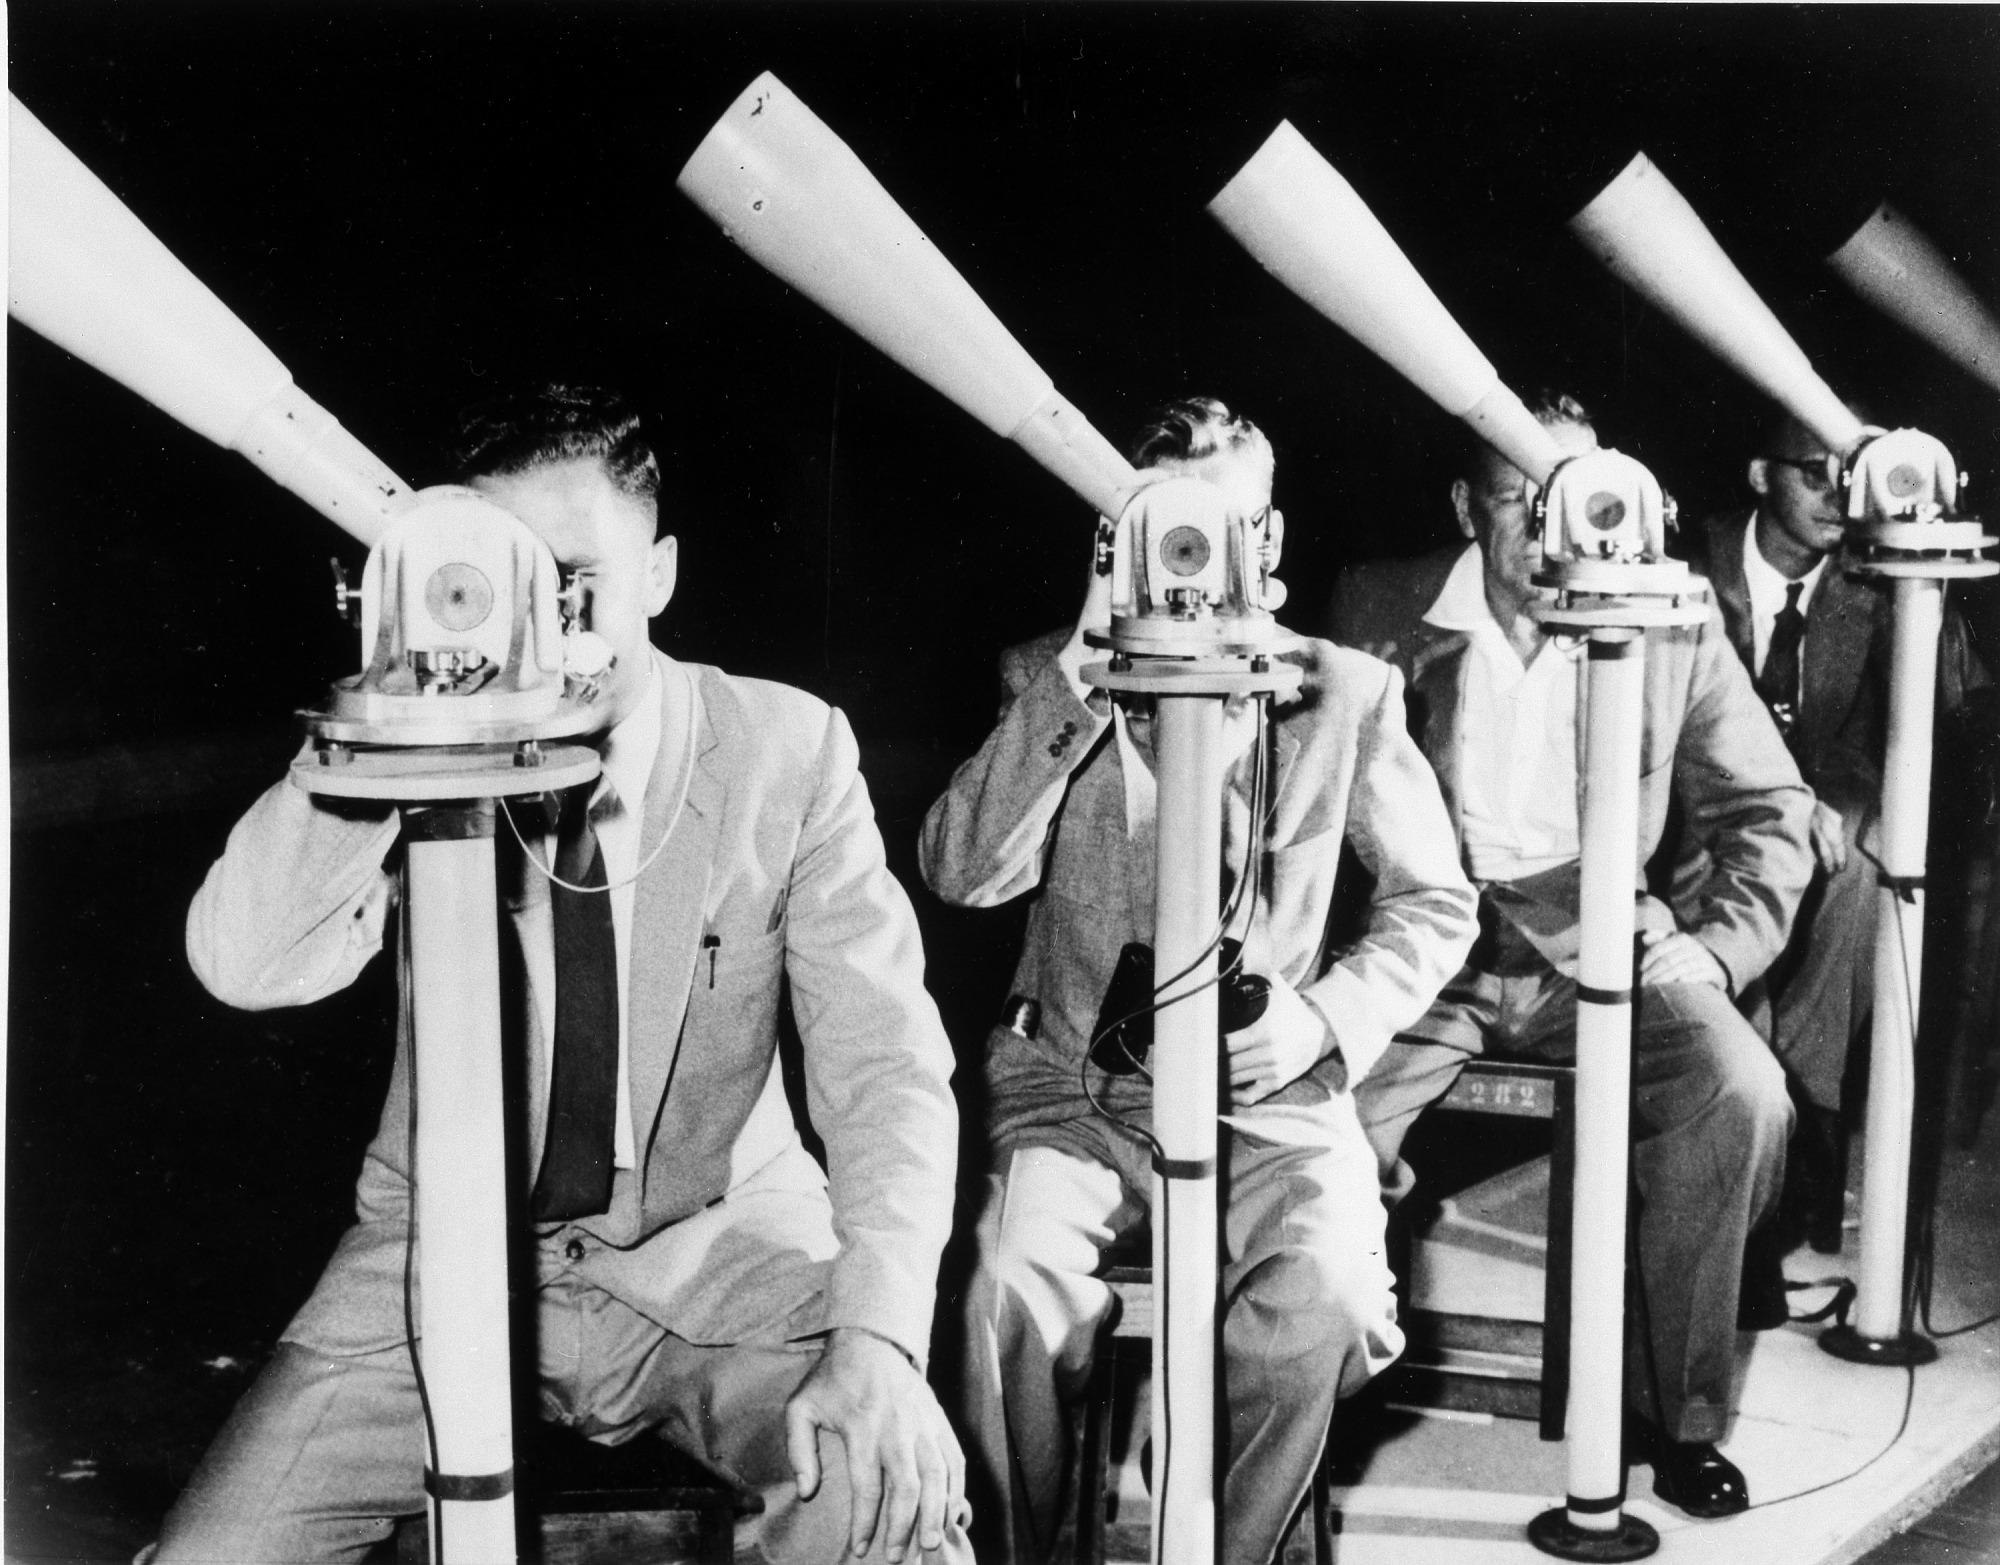 Jun 30 Moonwatch Volunteers, 1965